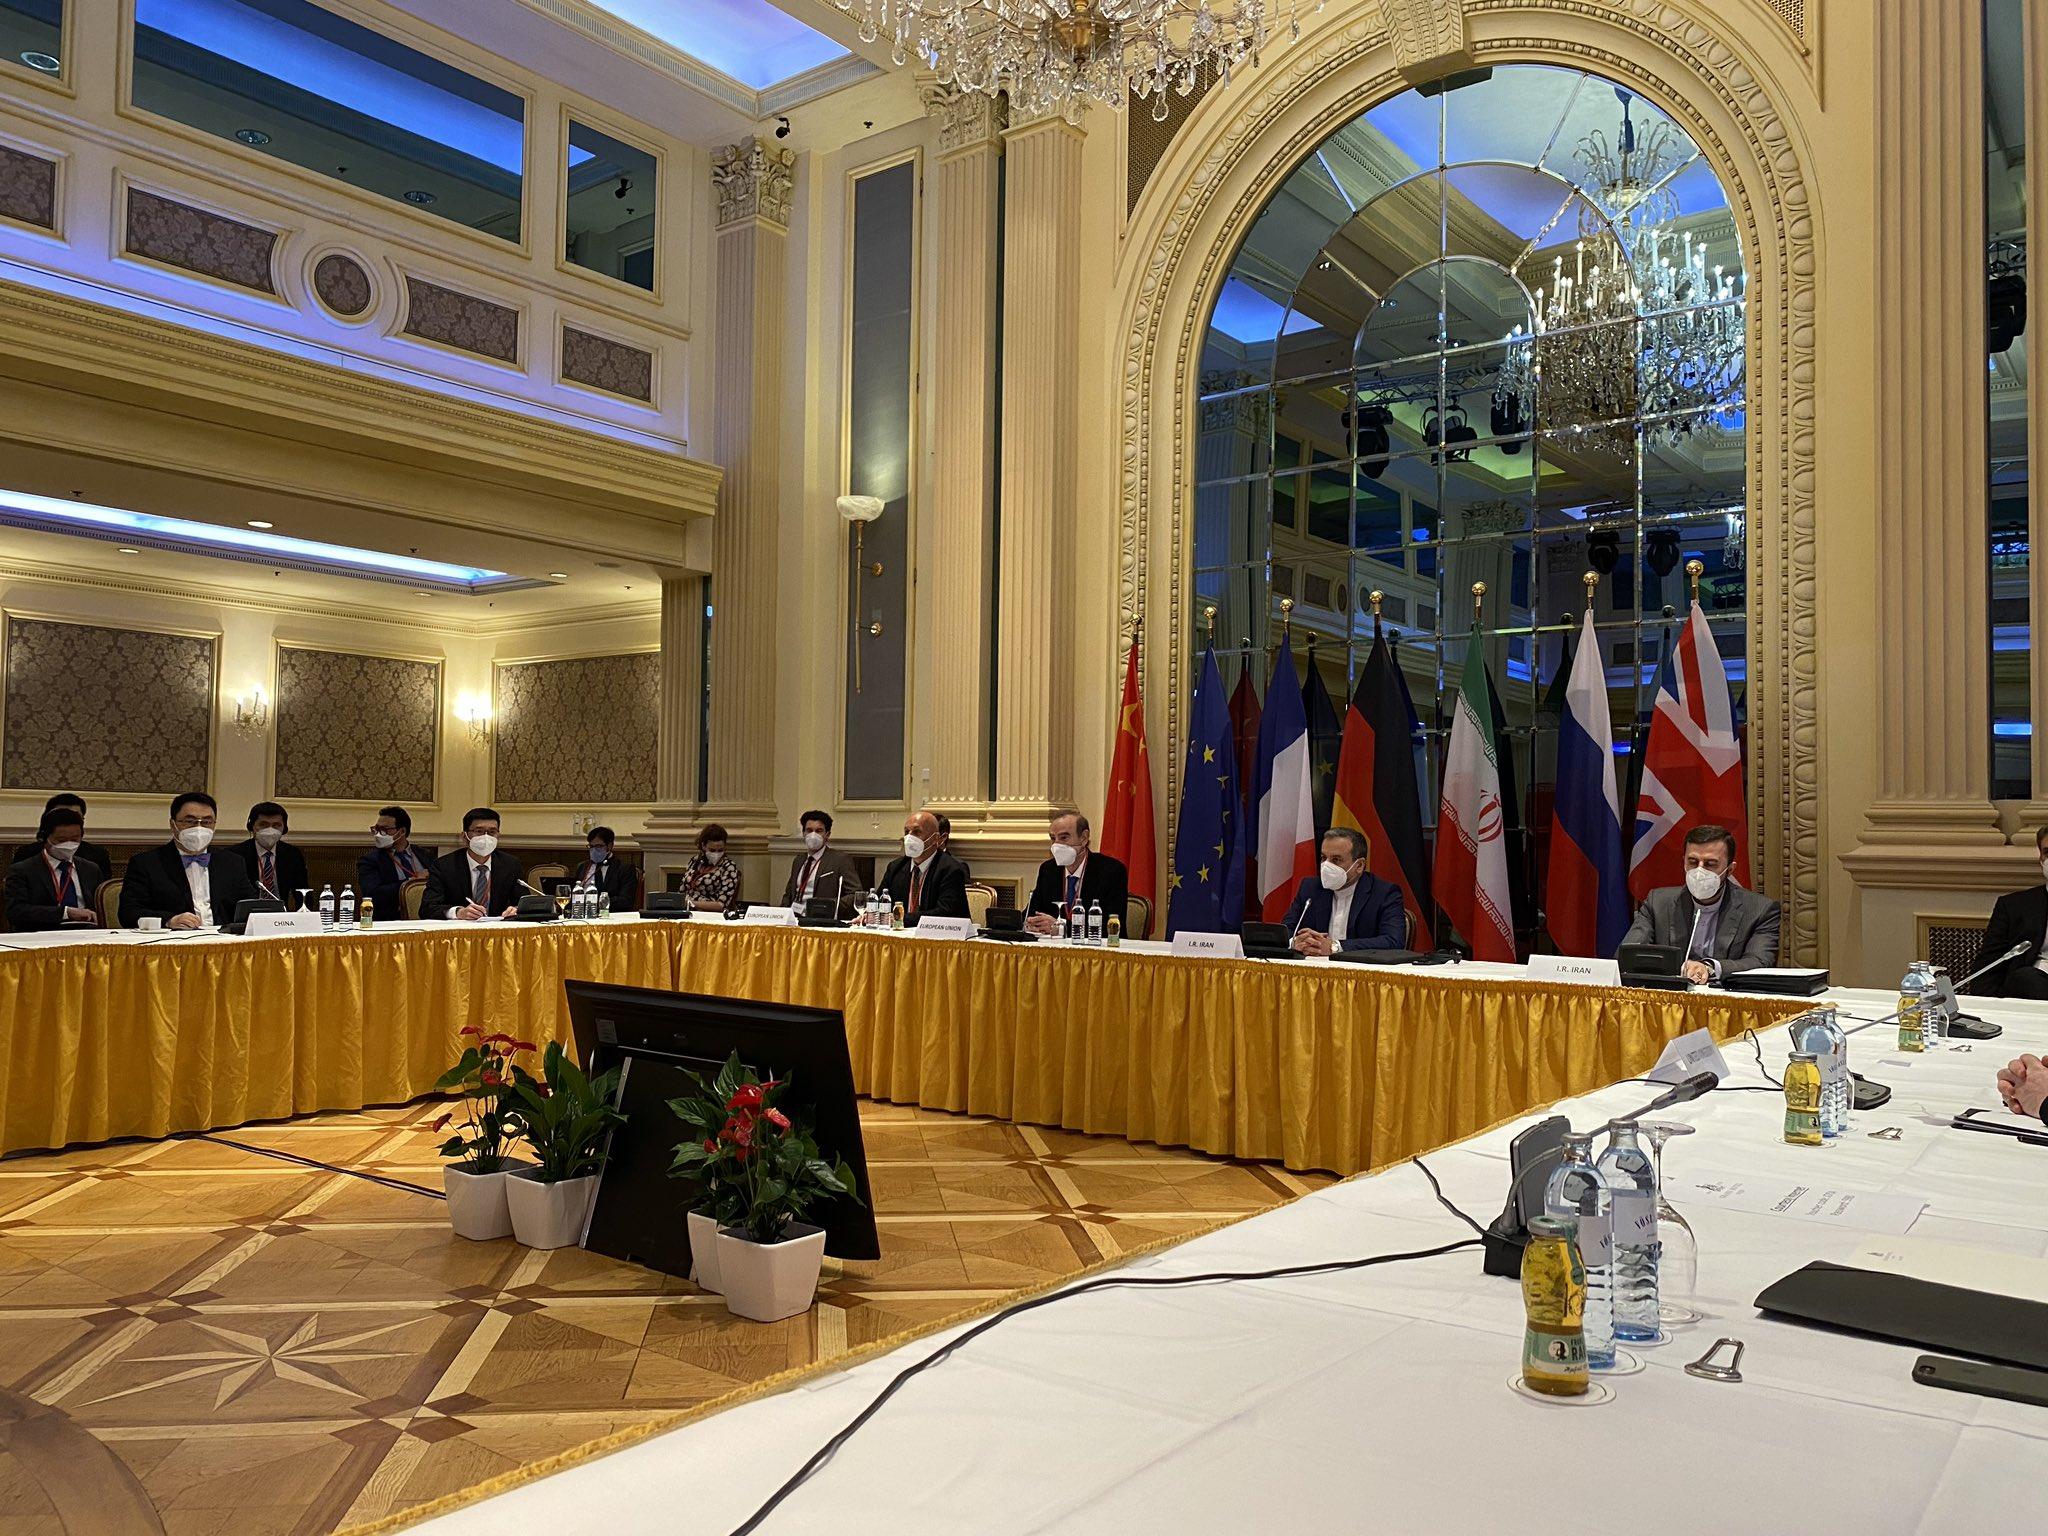 Чланови Заједничке комисије за нуклеарни споразум са Ираном усмерени на његово обнављање у изворном облику